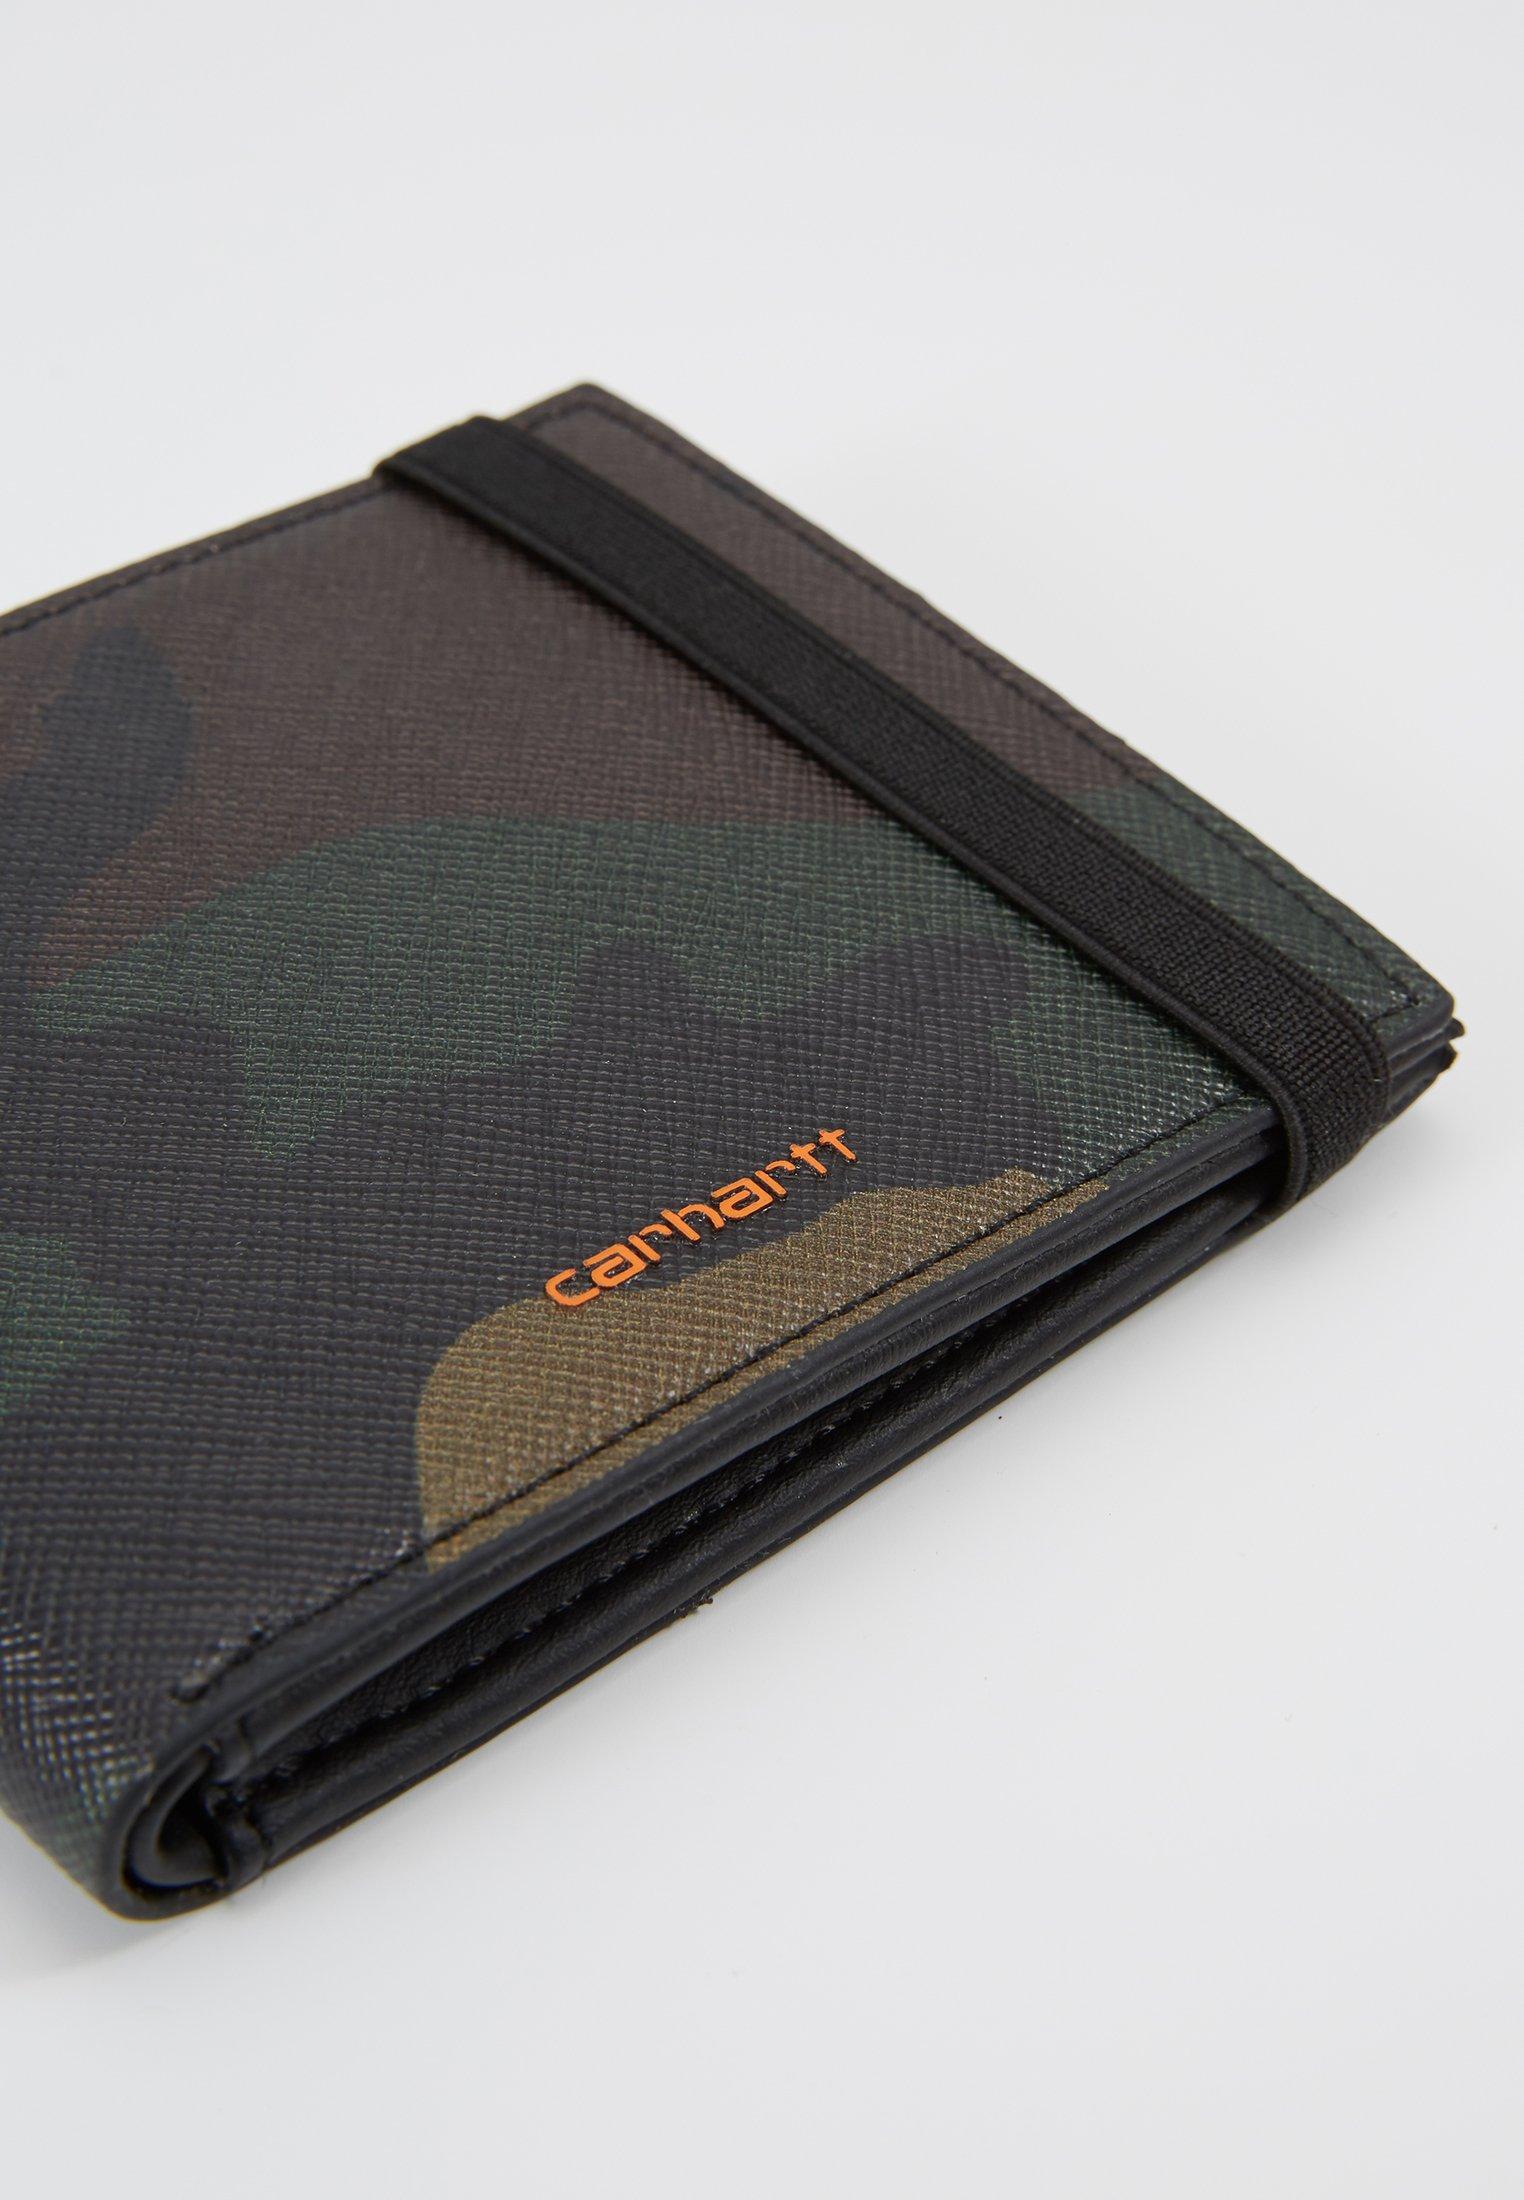 Carhartt Wip Coated Billfold Wallet - Portefeuille Laurel/orange